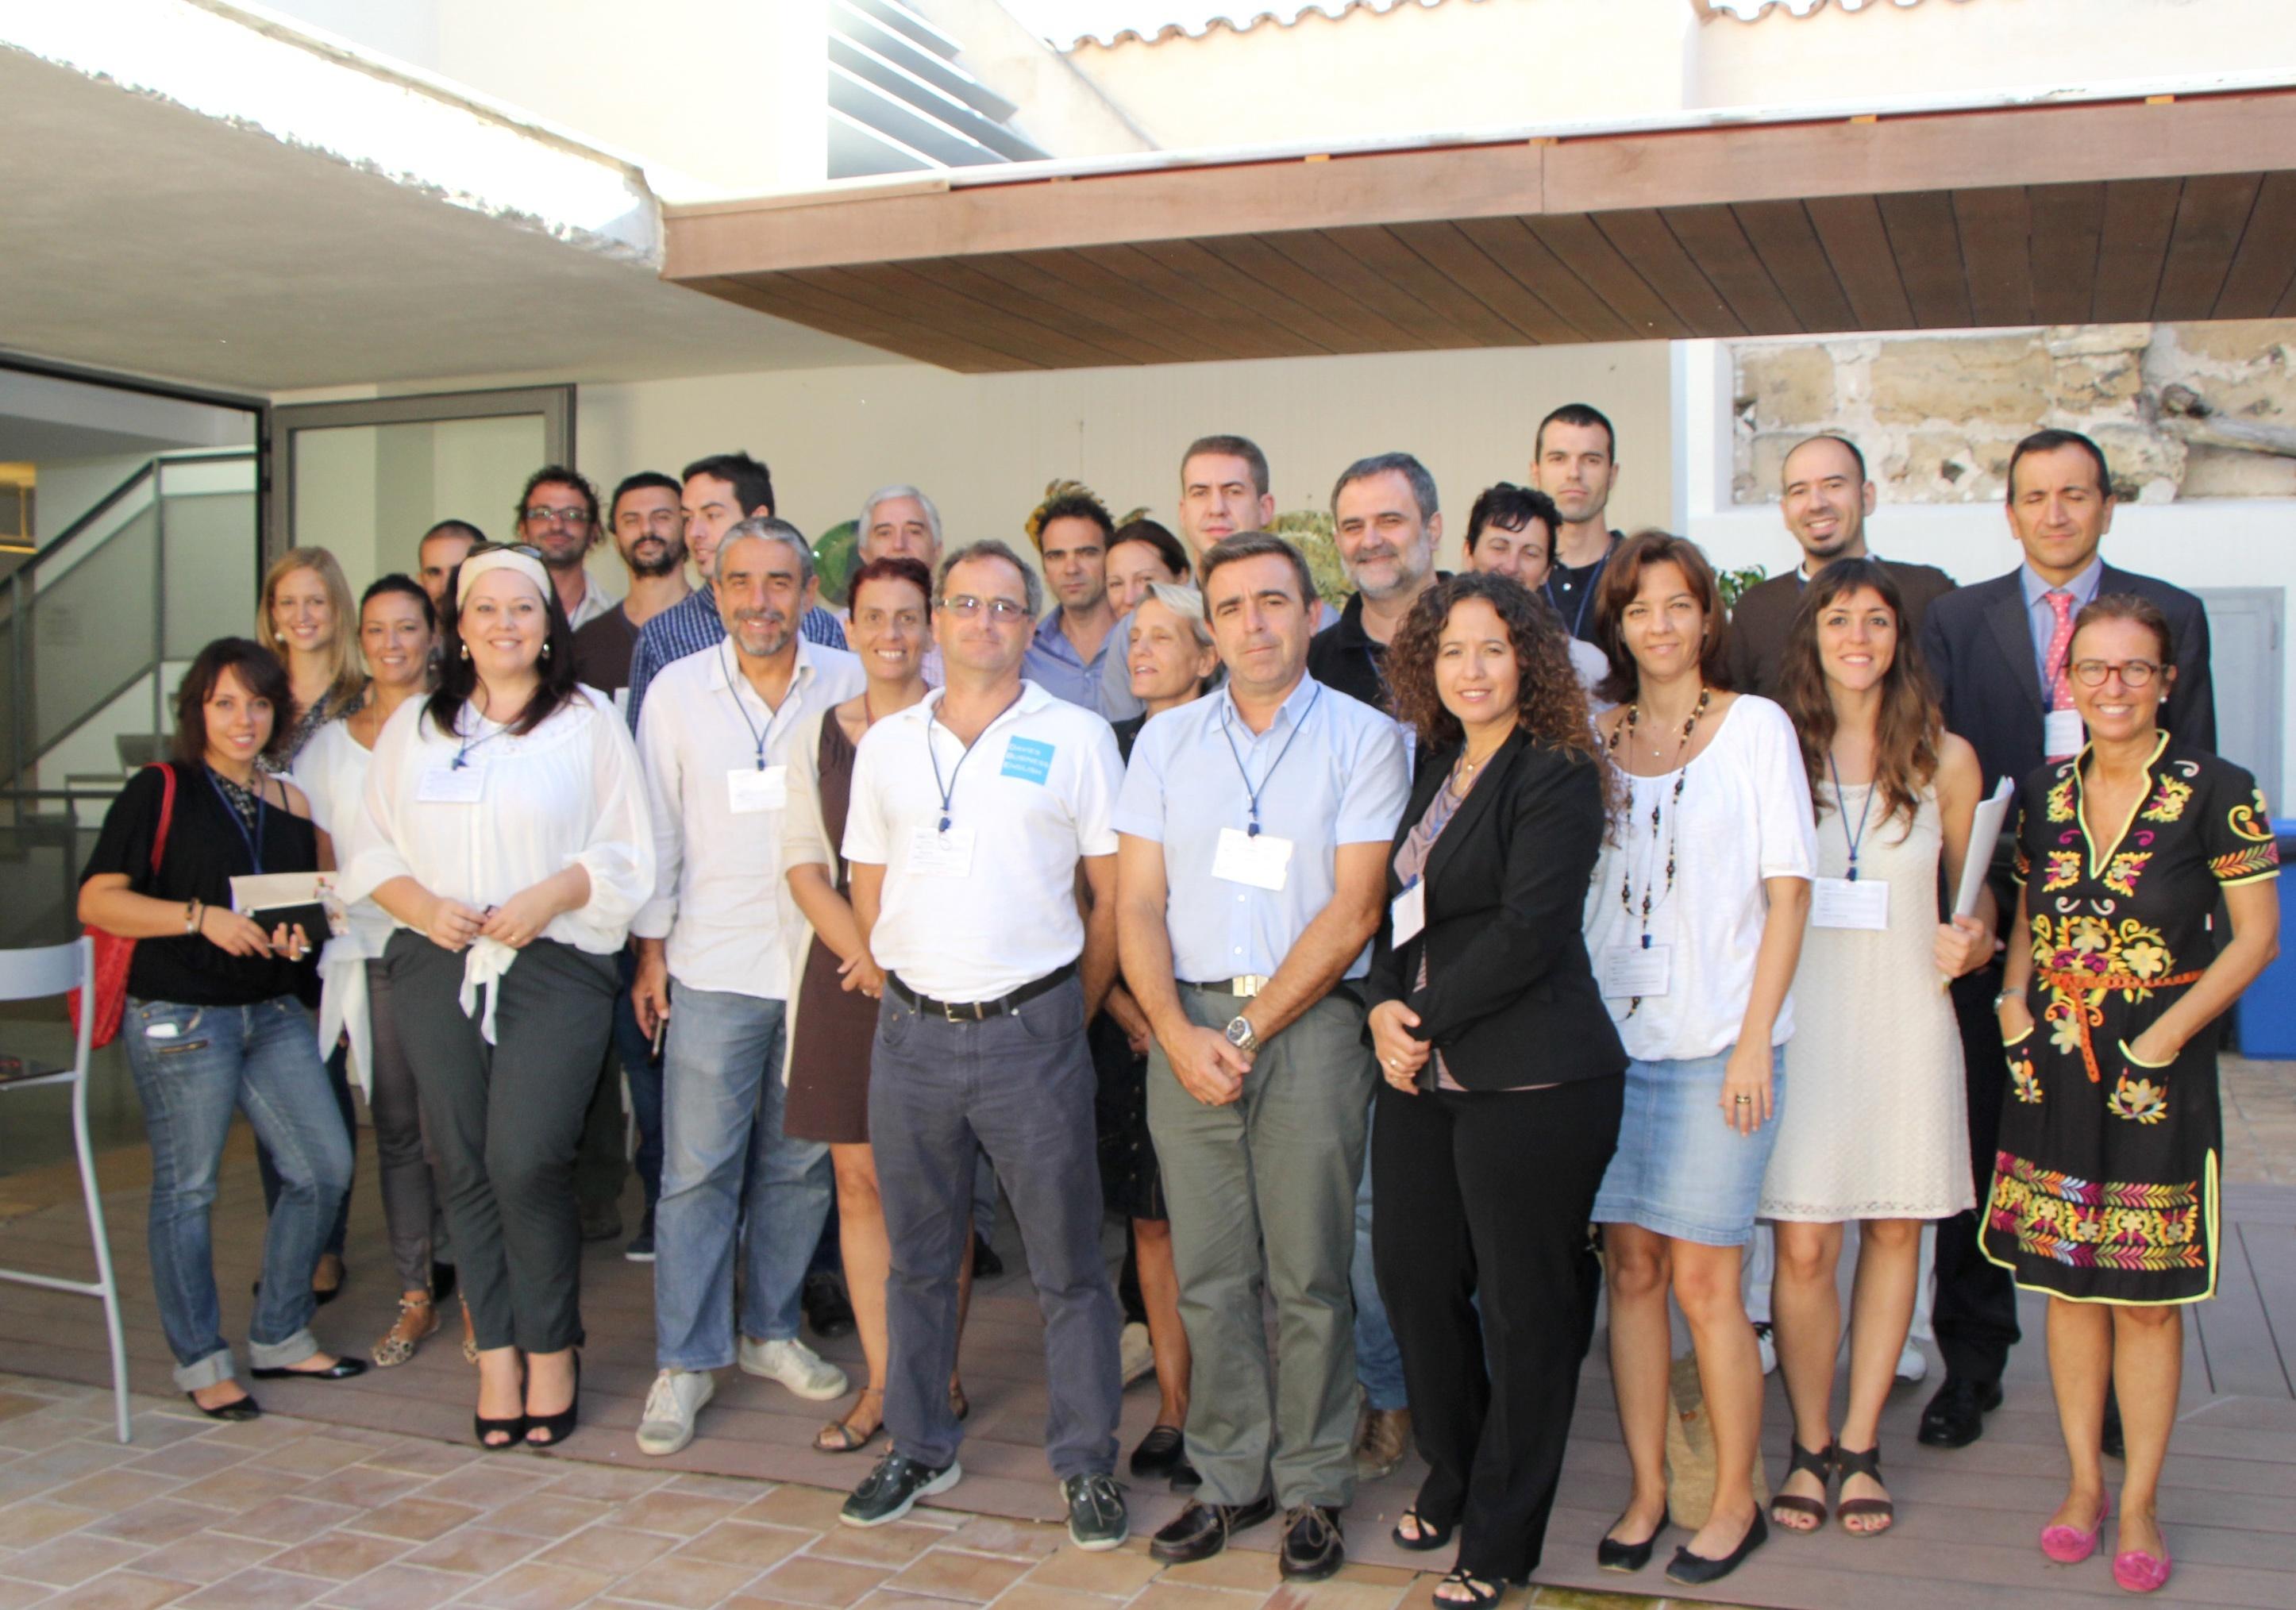 PalmaActiba pone en marcha las sesiones de »Netcity», una iniciativa para mejorar la red de contactos